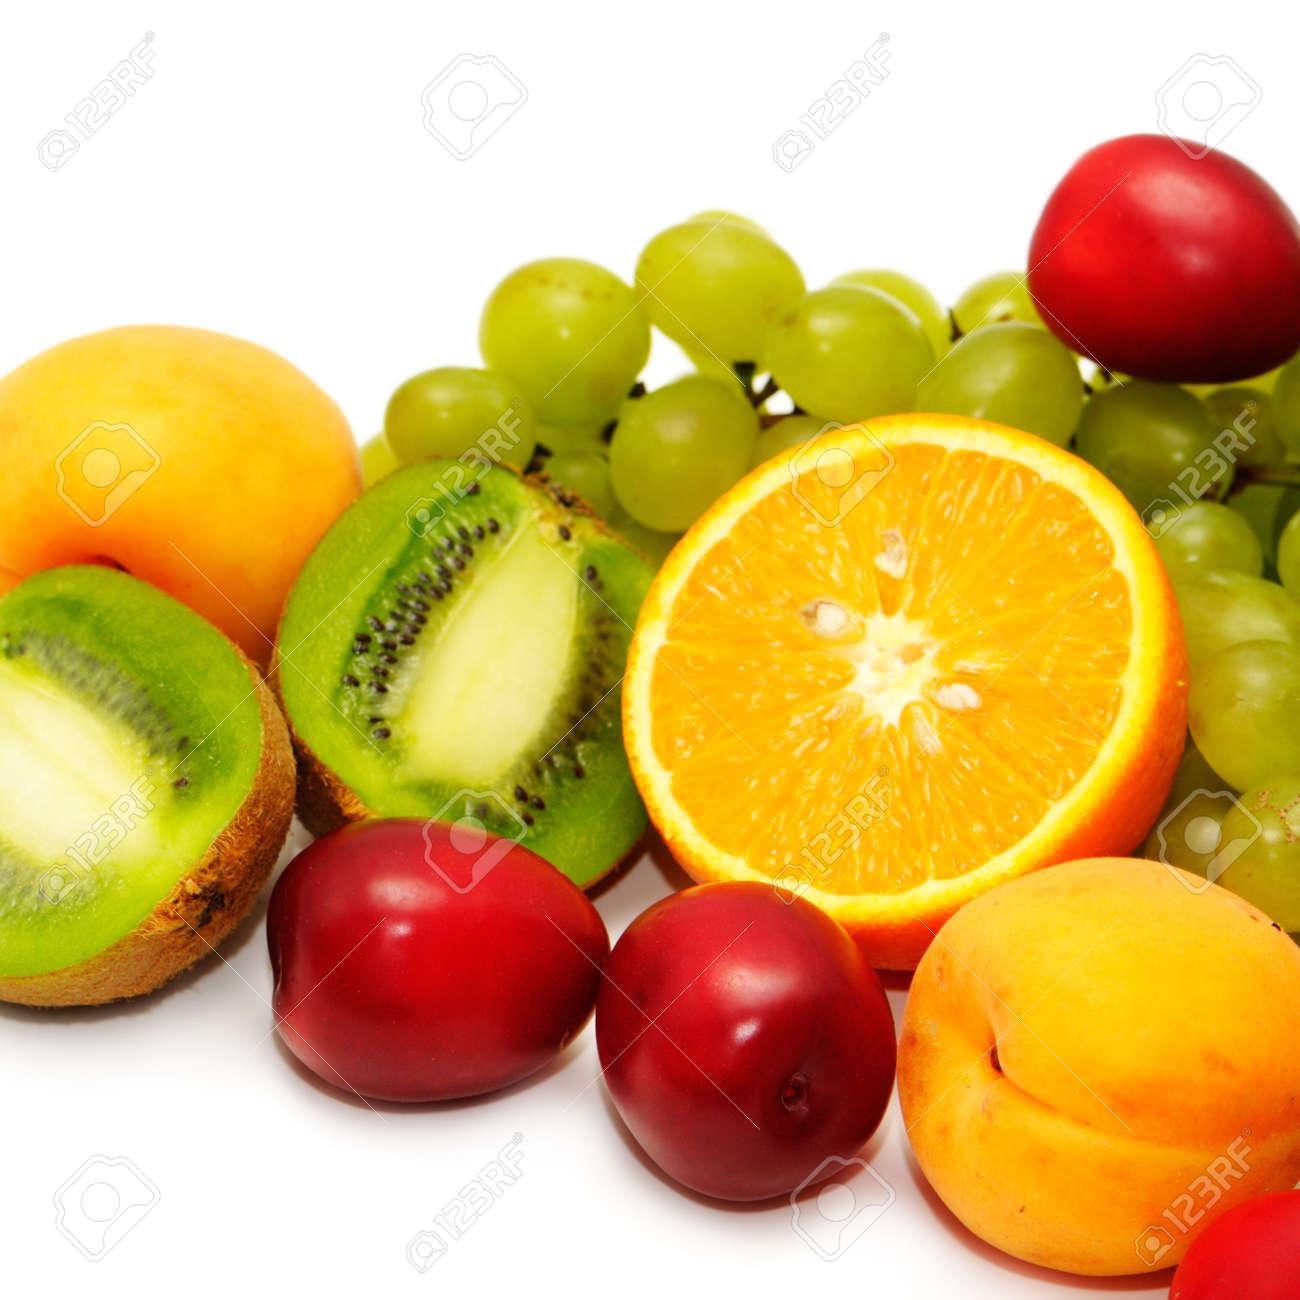 Fresh fruit isolated on a white background Stock Photo - 3935701